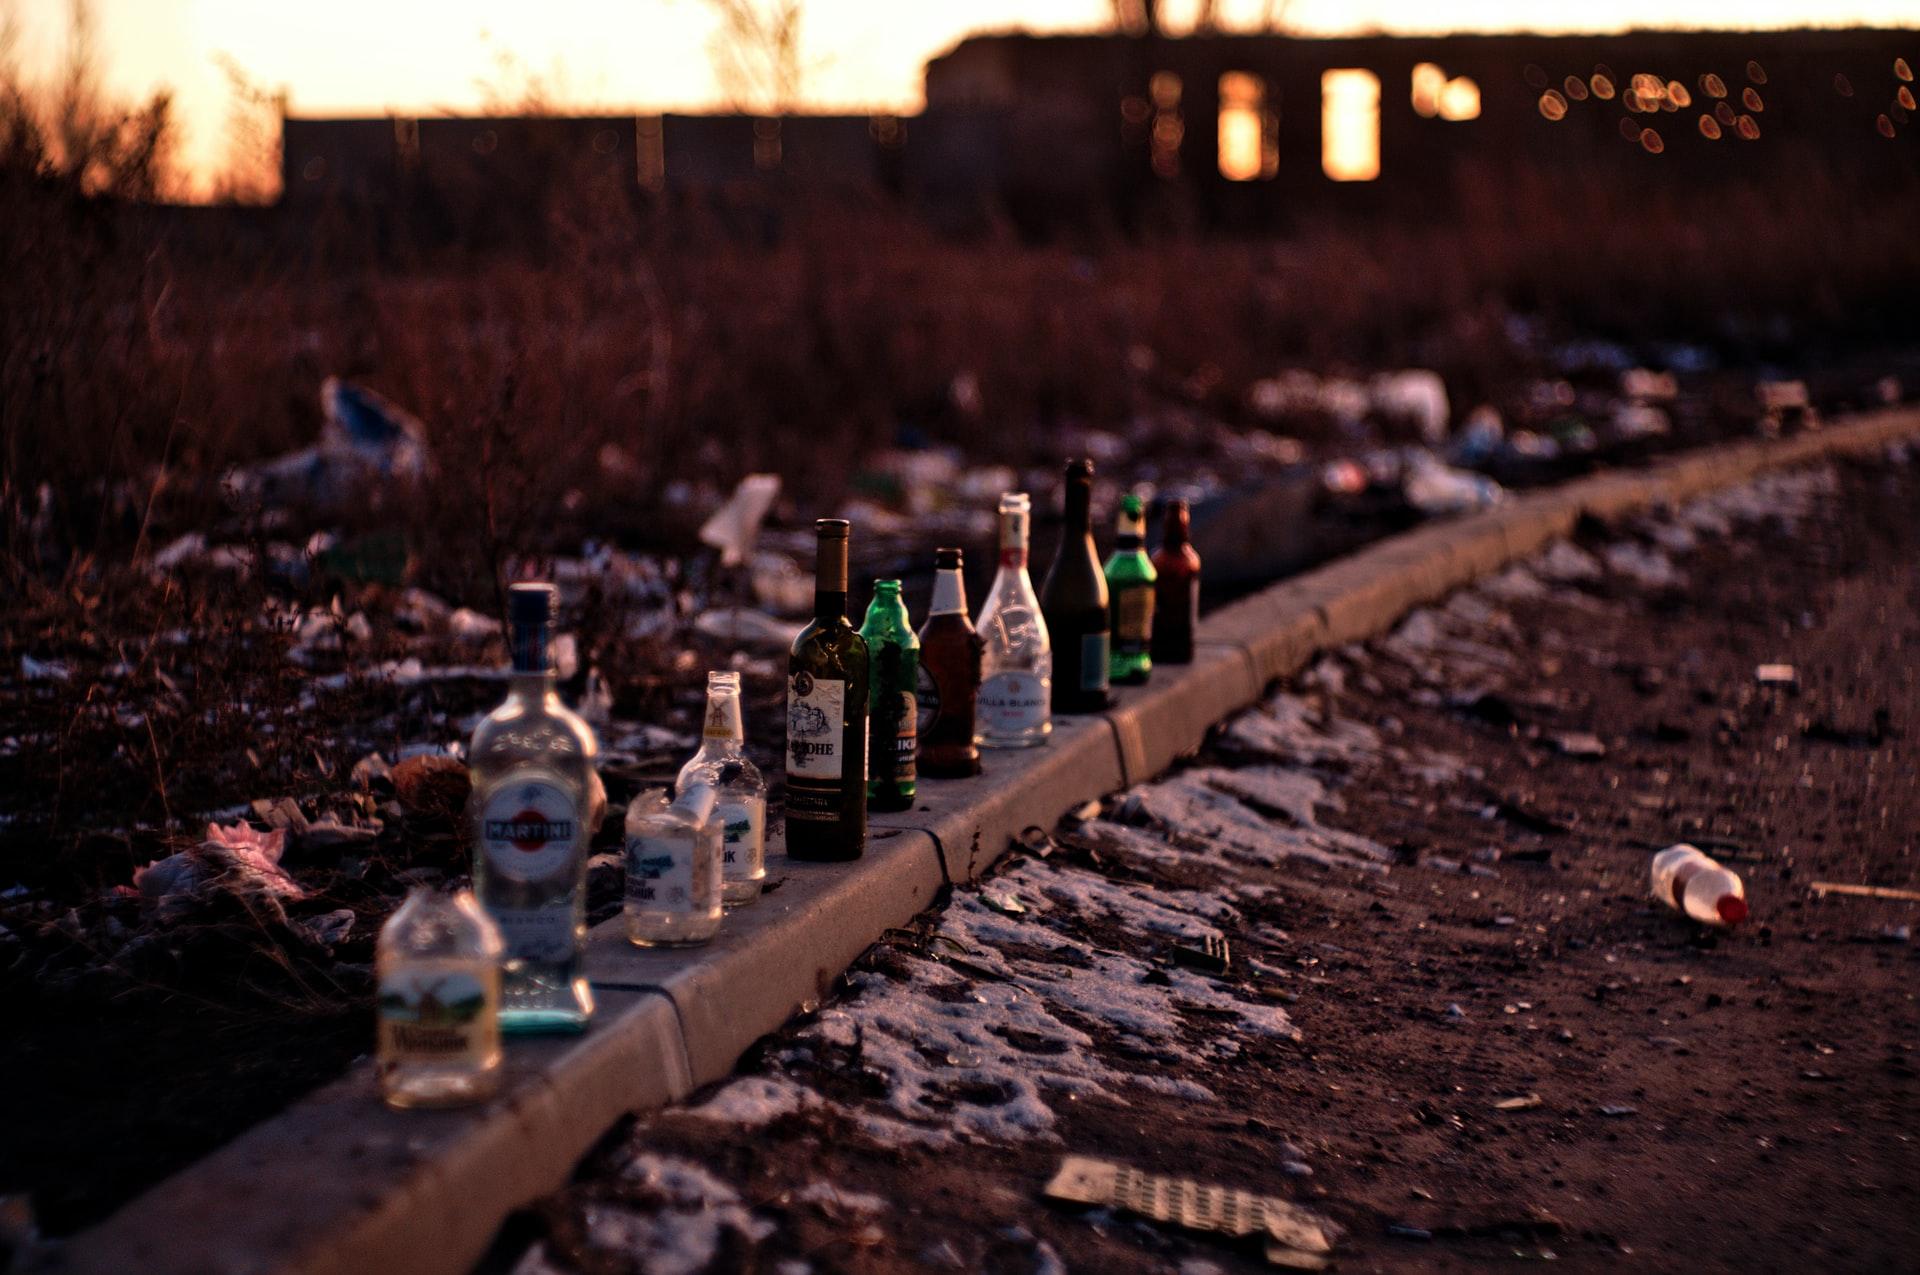 beer bottlese